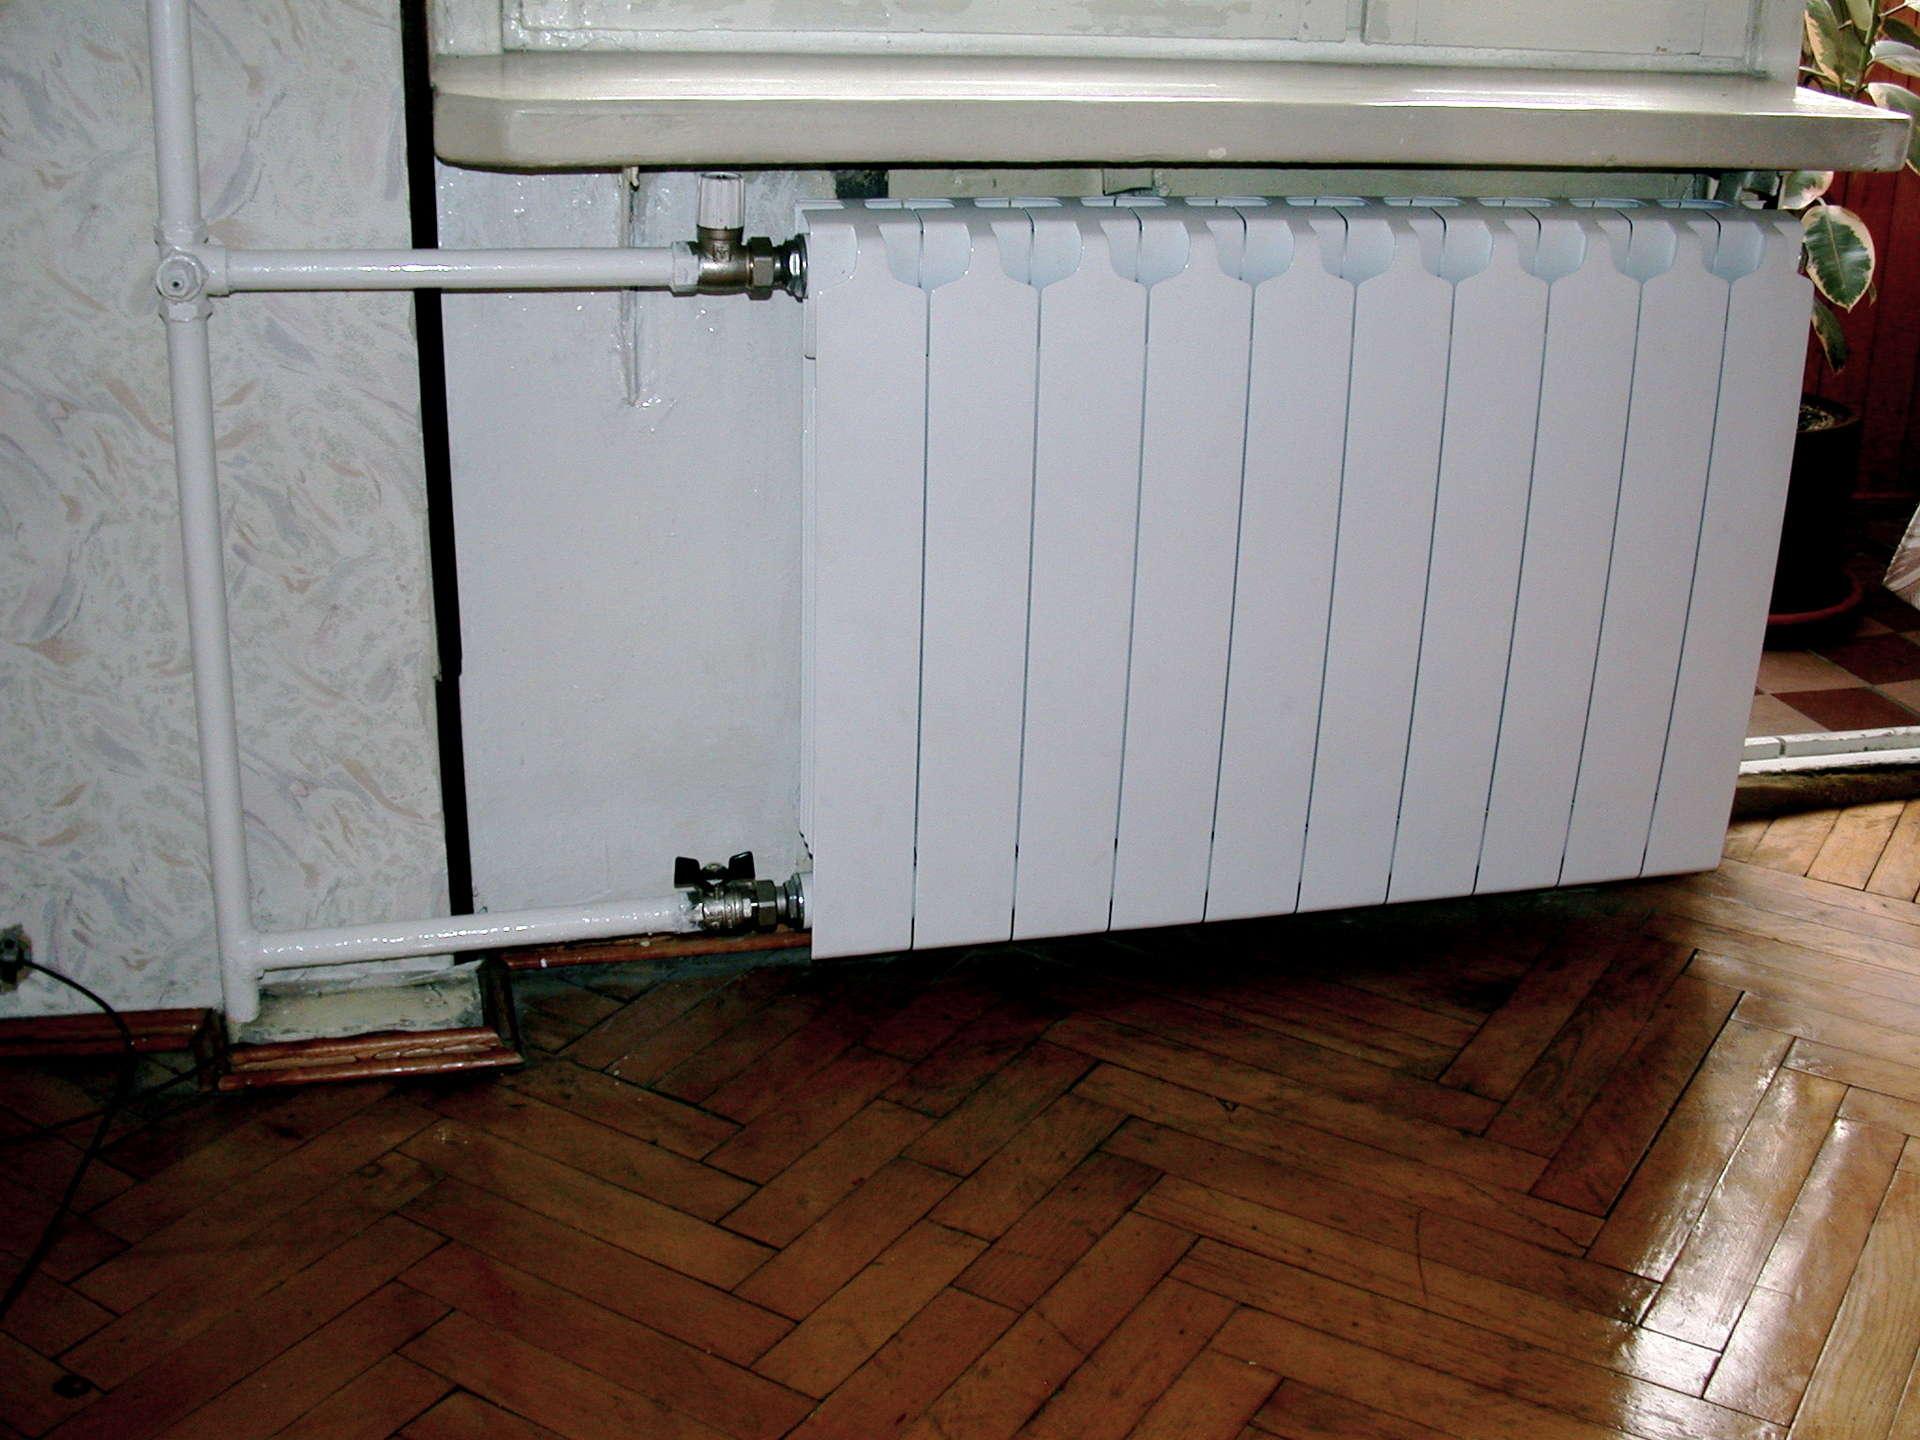 Замена радиаторов отопления в квартире своими руками